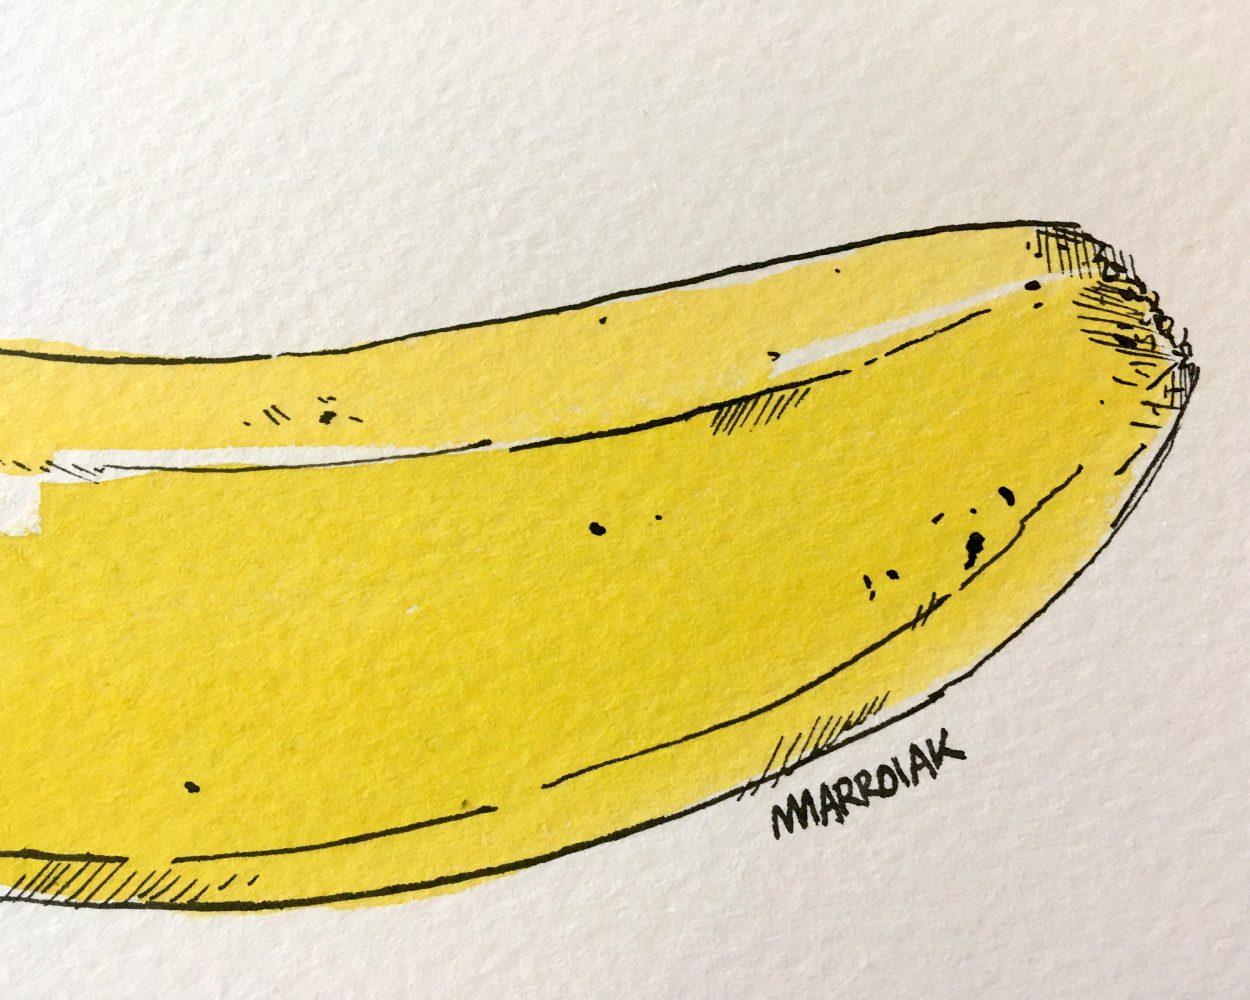 Detalle de una ilustración original en tinta y acuarela de un plátano